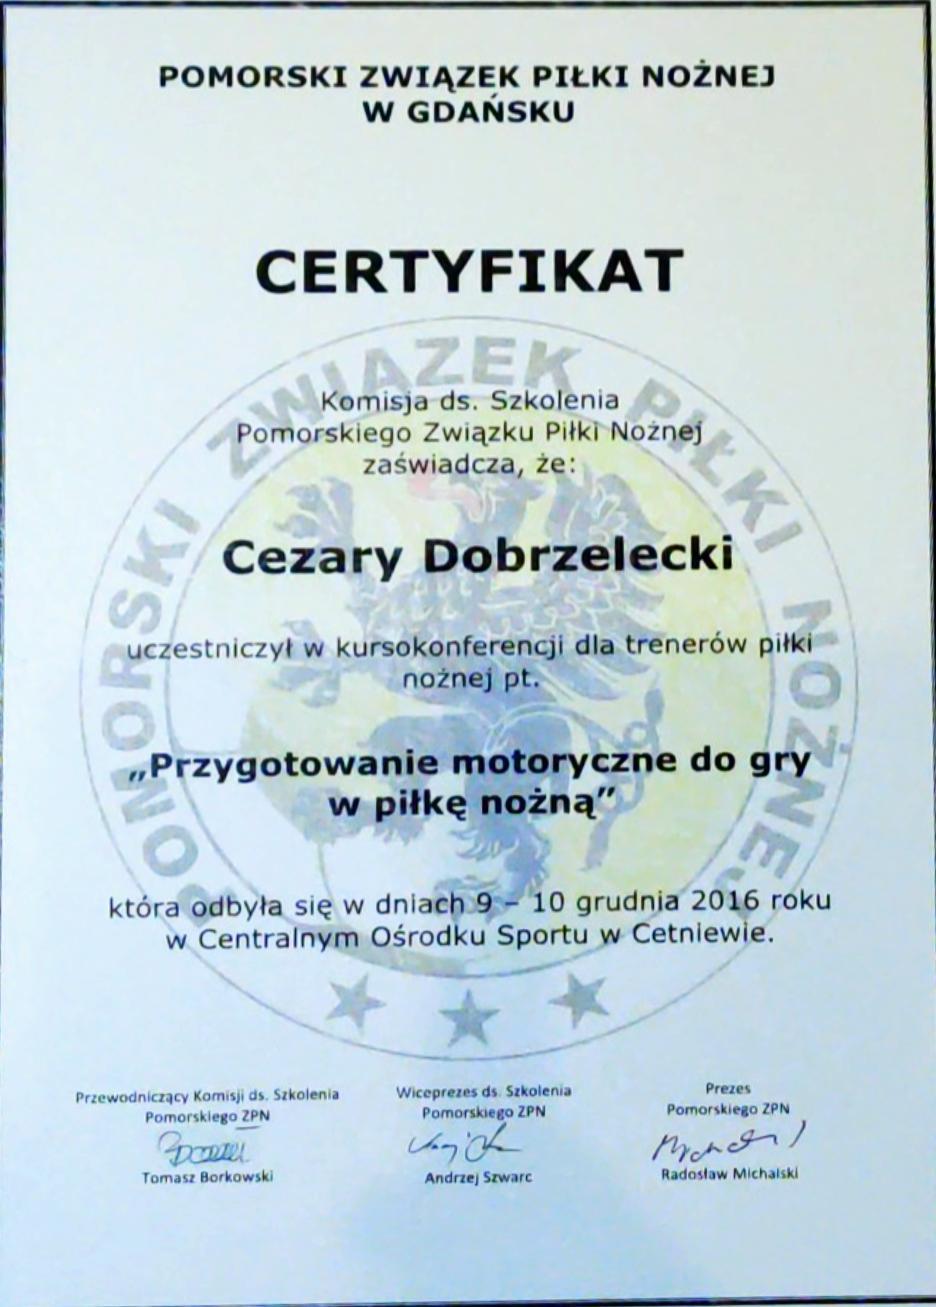 Pomorski Związek Piłki Nożnej certyfikat